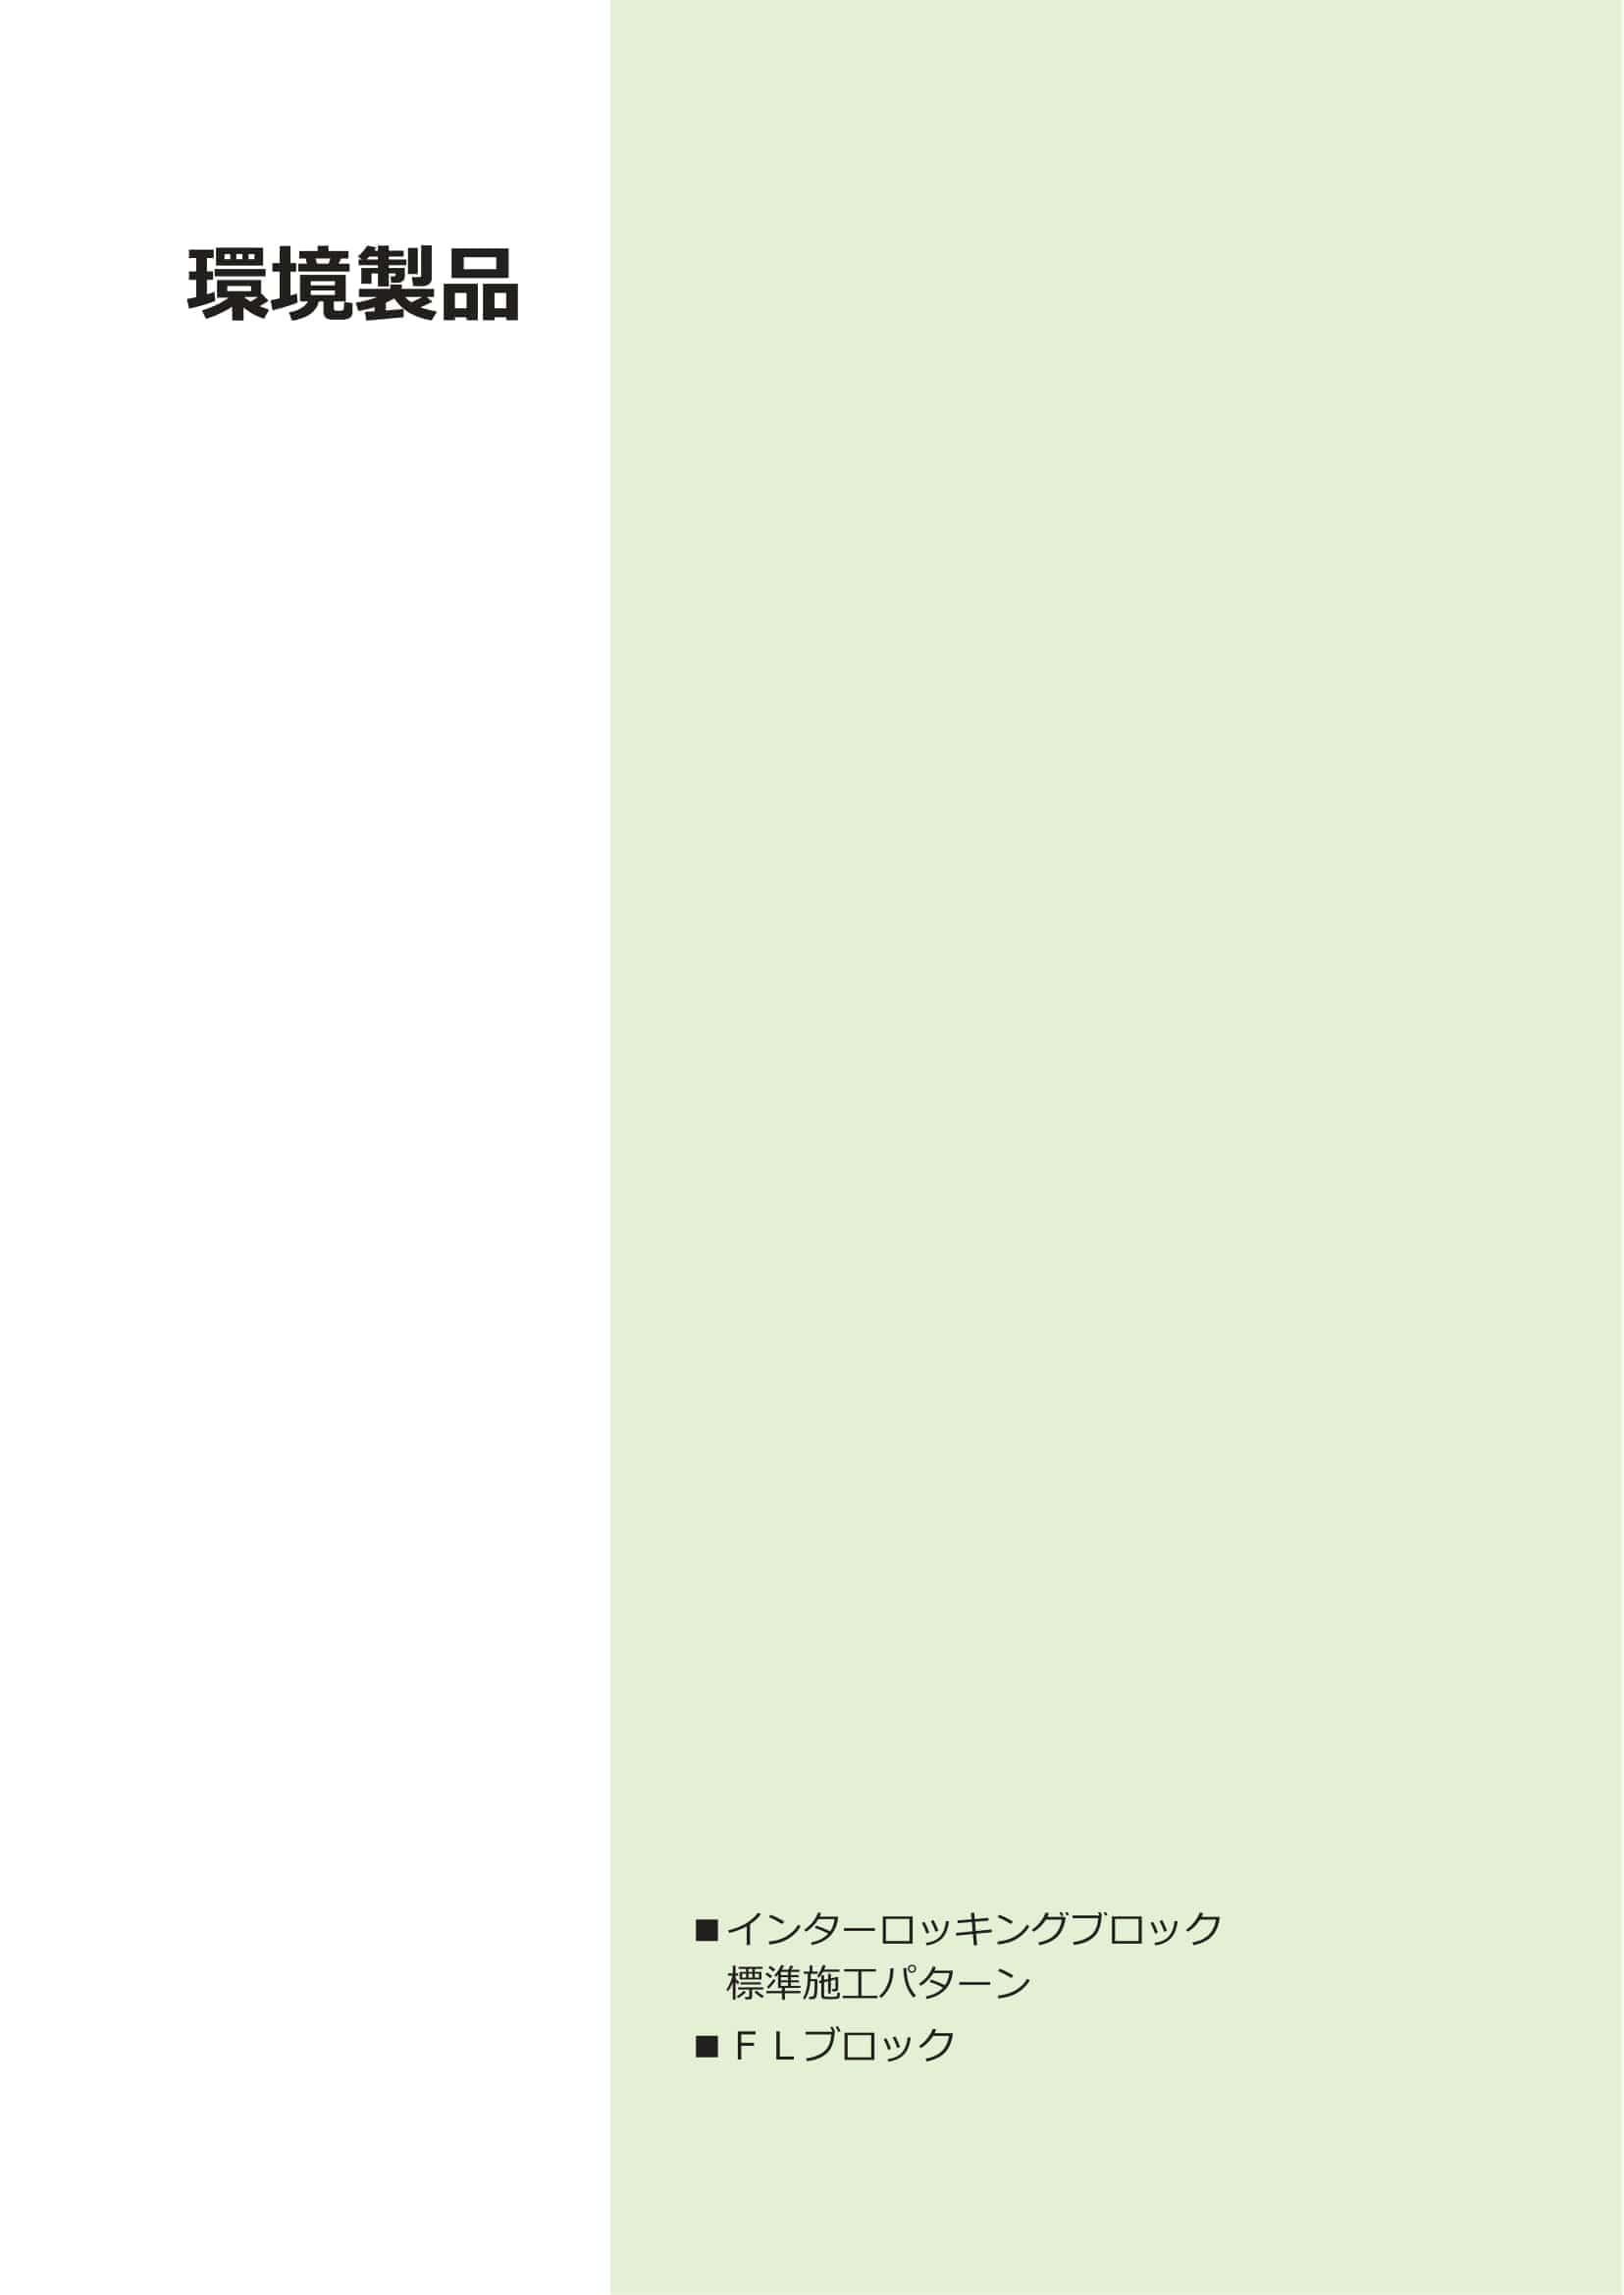 富士コンクリート/インターロッキング・FLブロックWEBカタログ